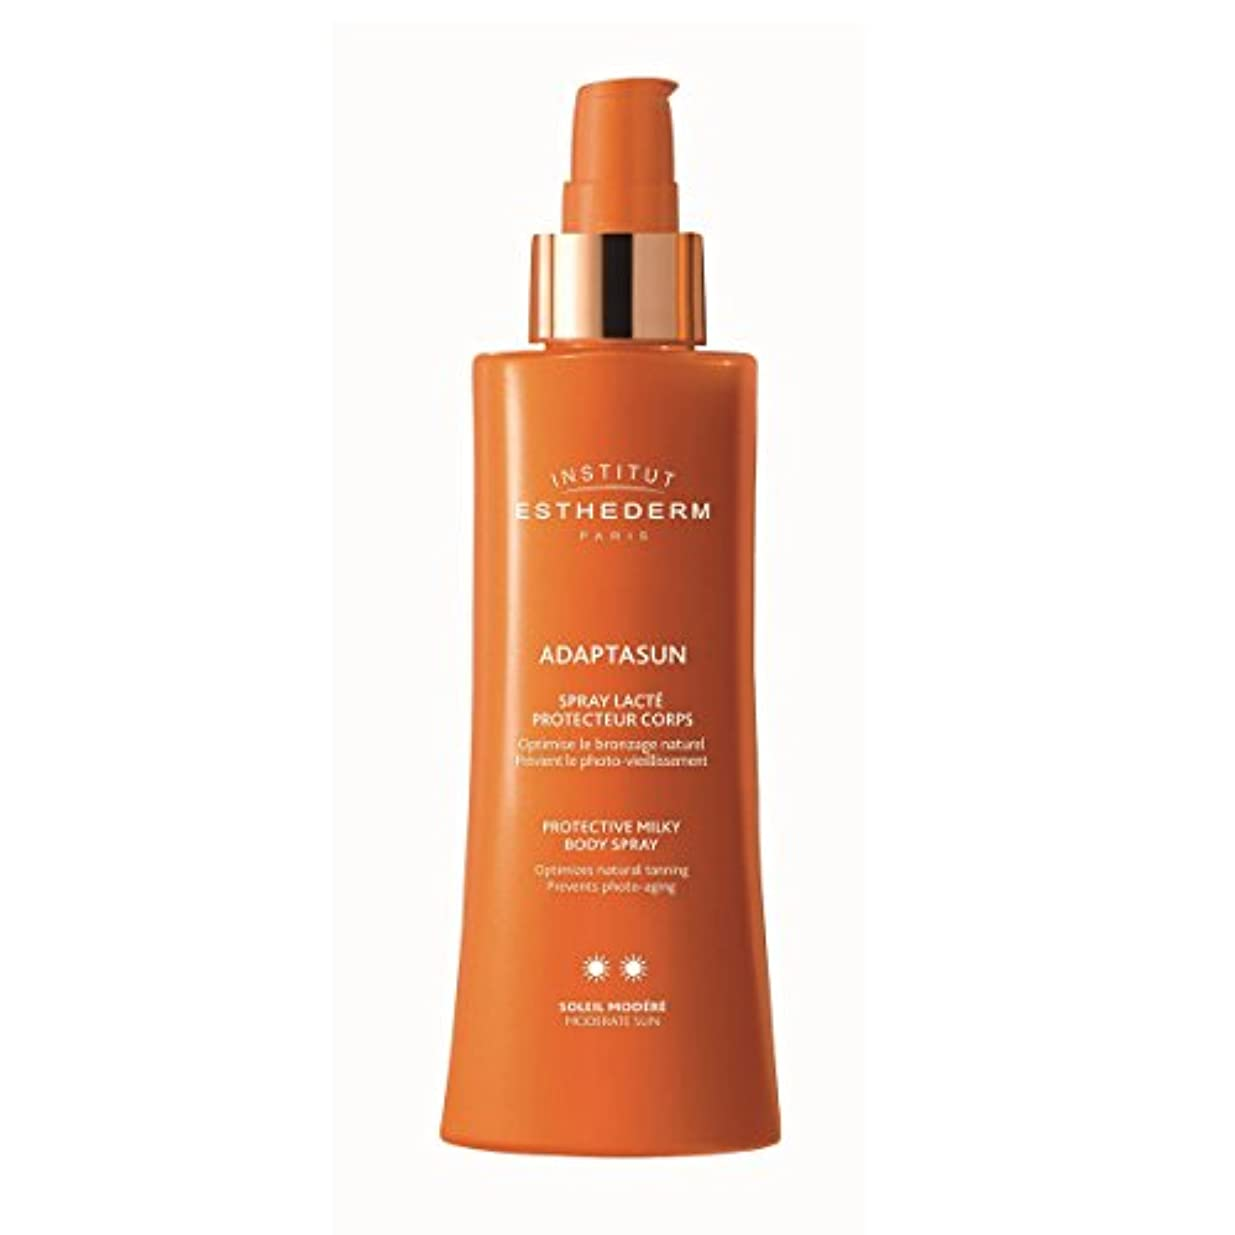 航海の延期するオゾンInstitut Esthederm Adaptasun Protective Milky Body Spray Moderate Sun 150ml [並行輸入品]